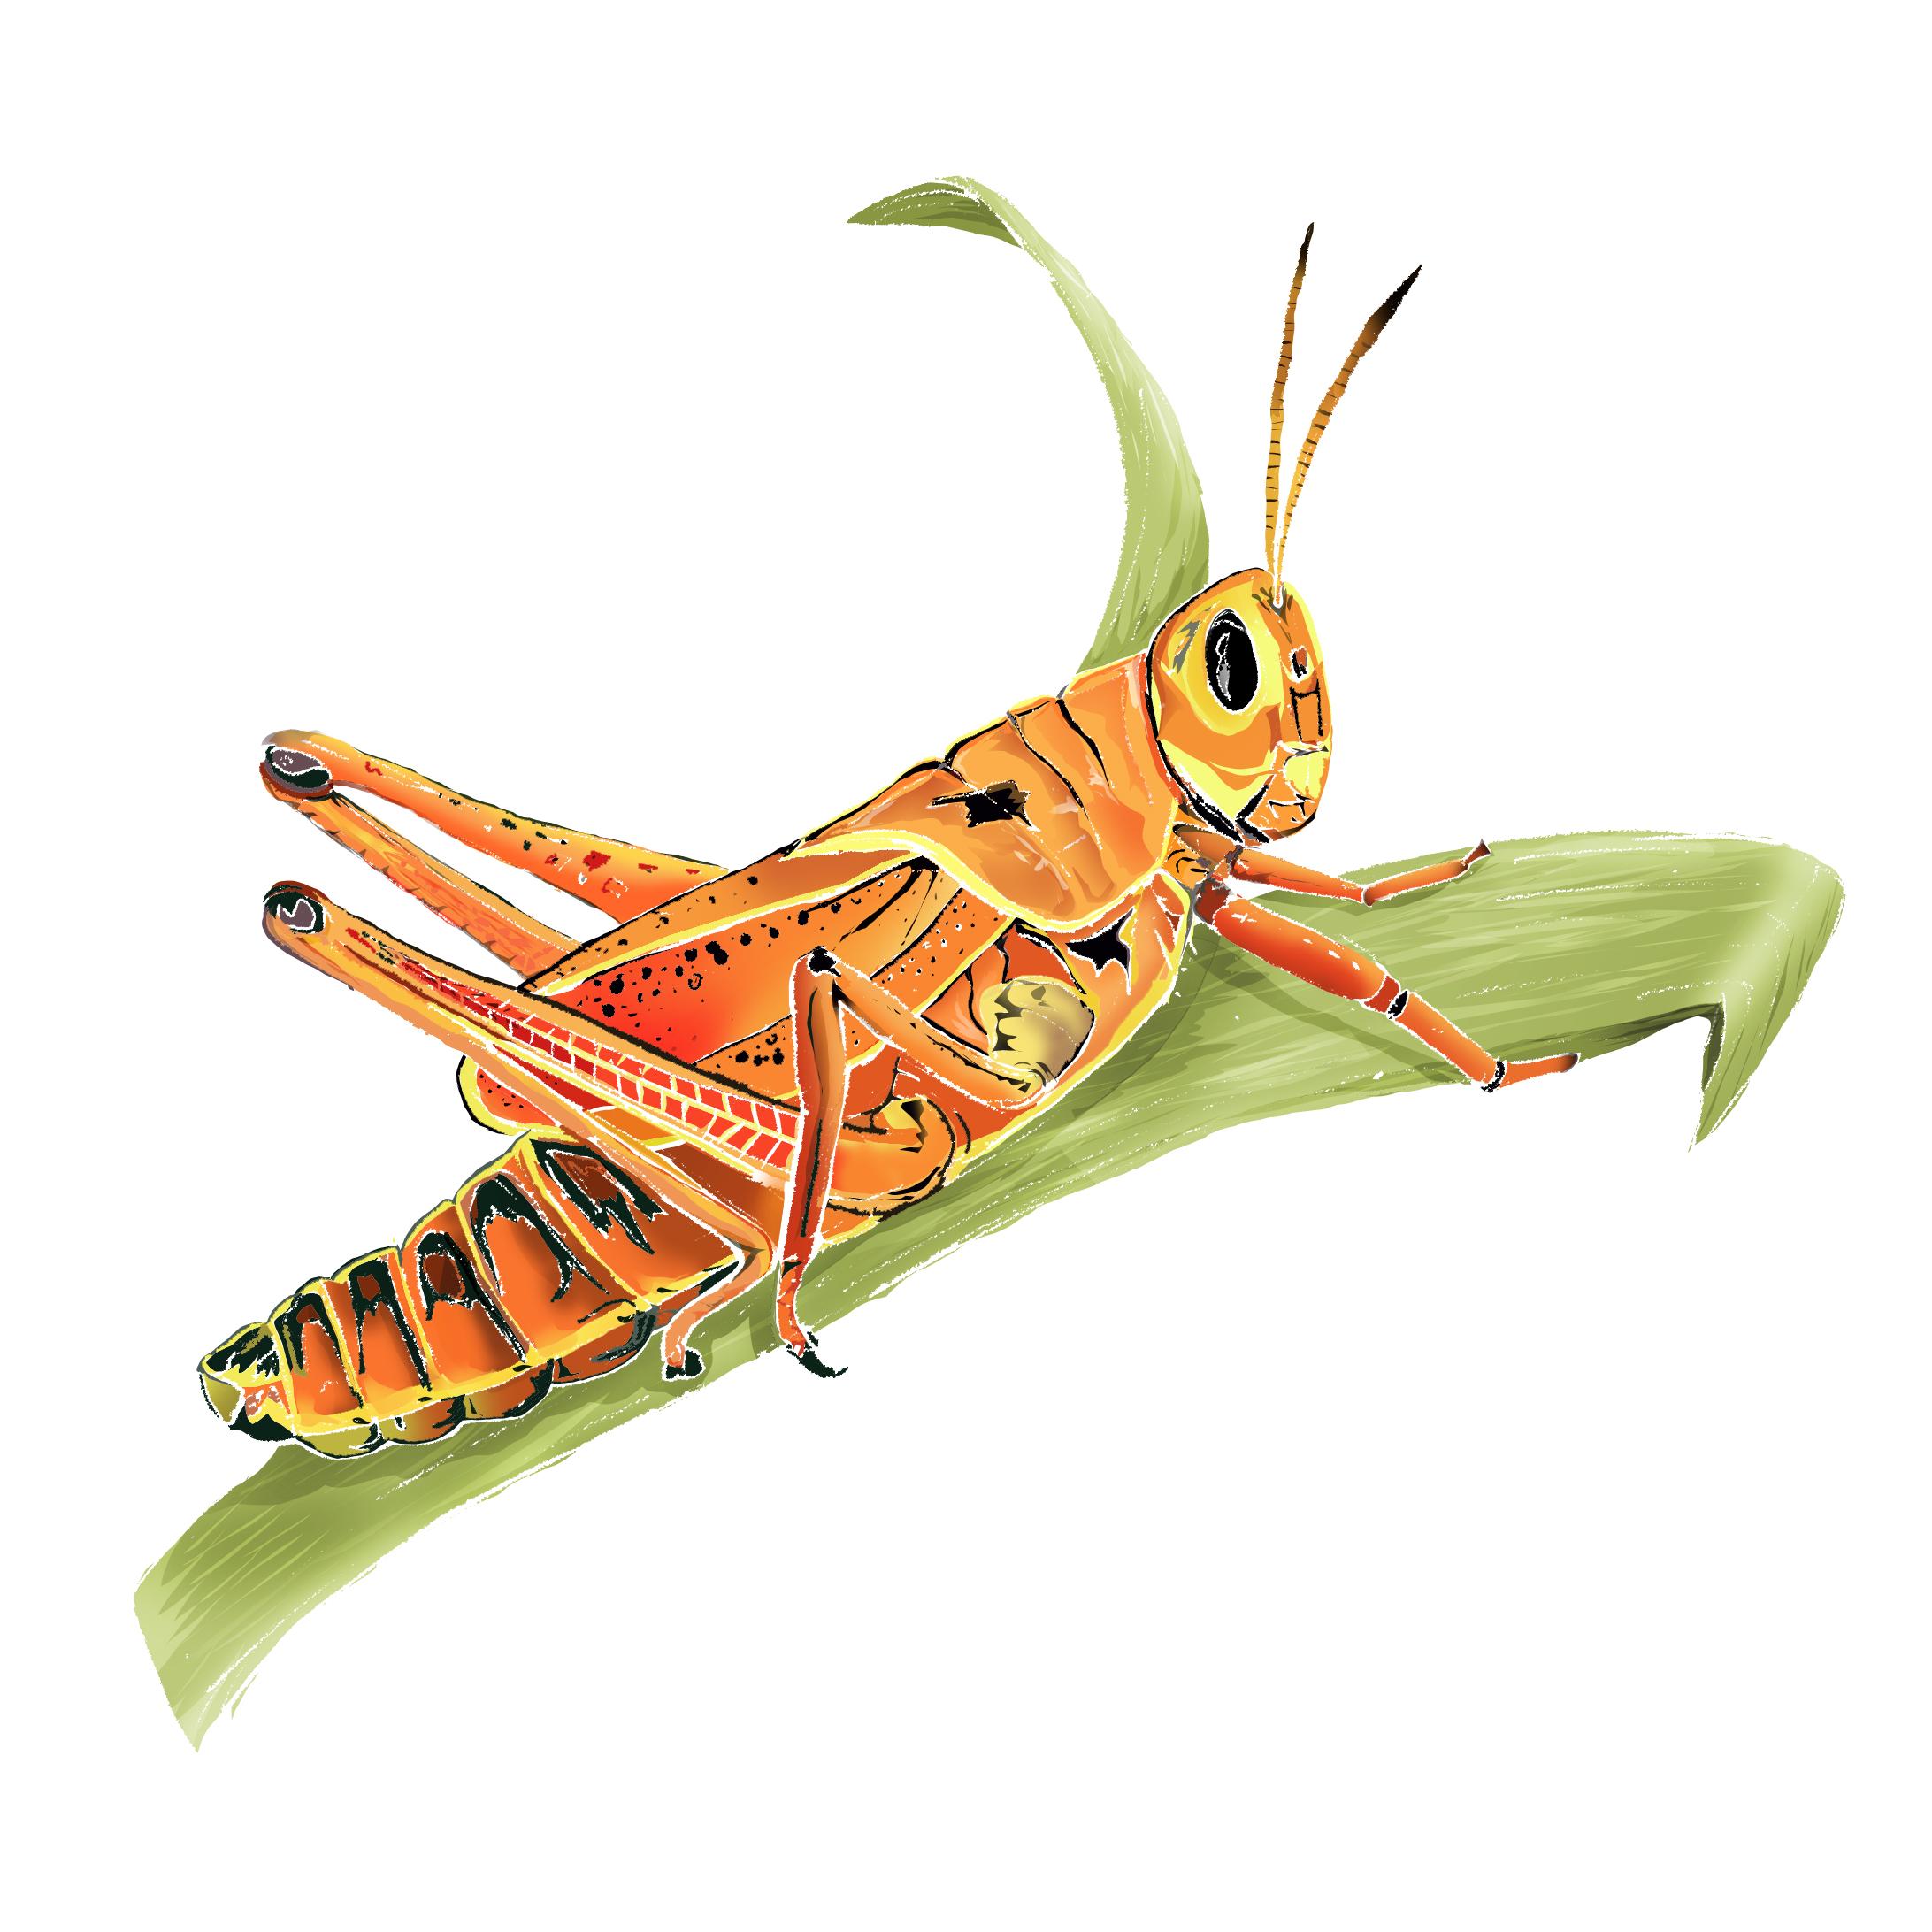 G - Grasshopper